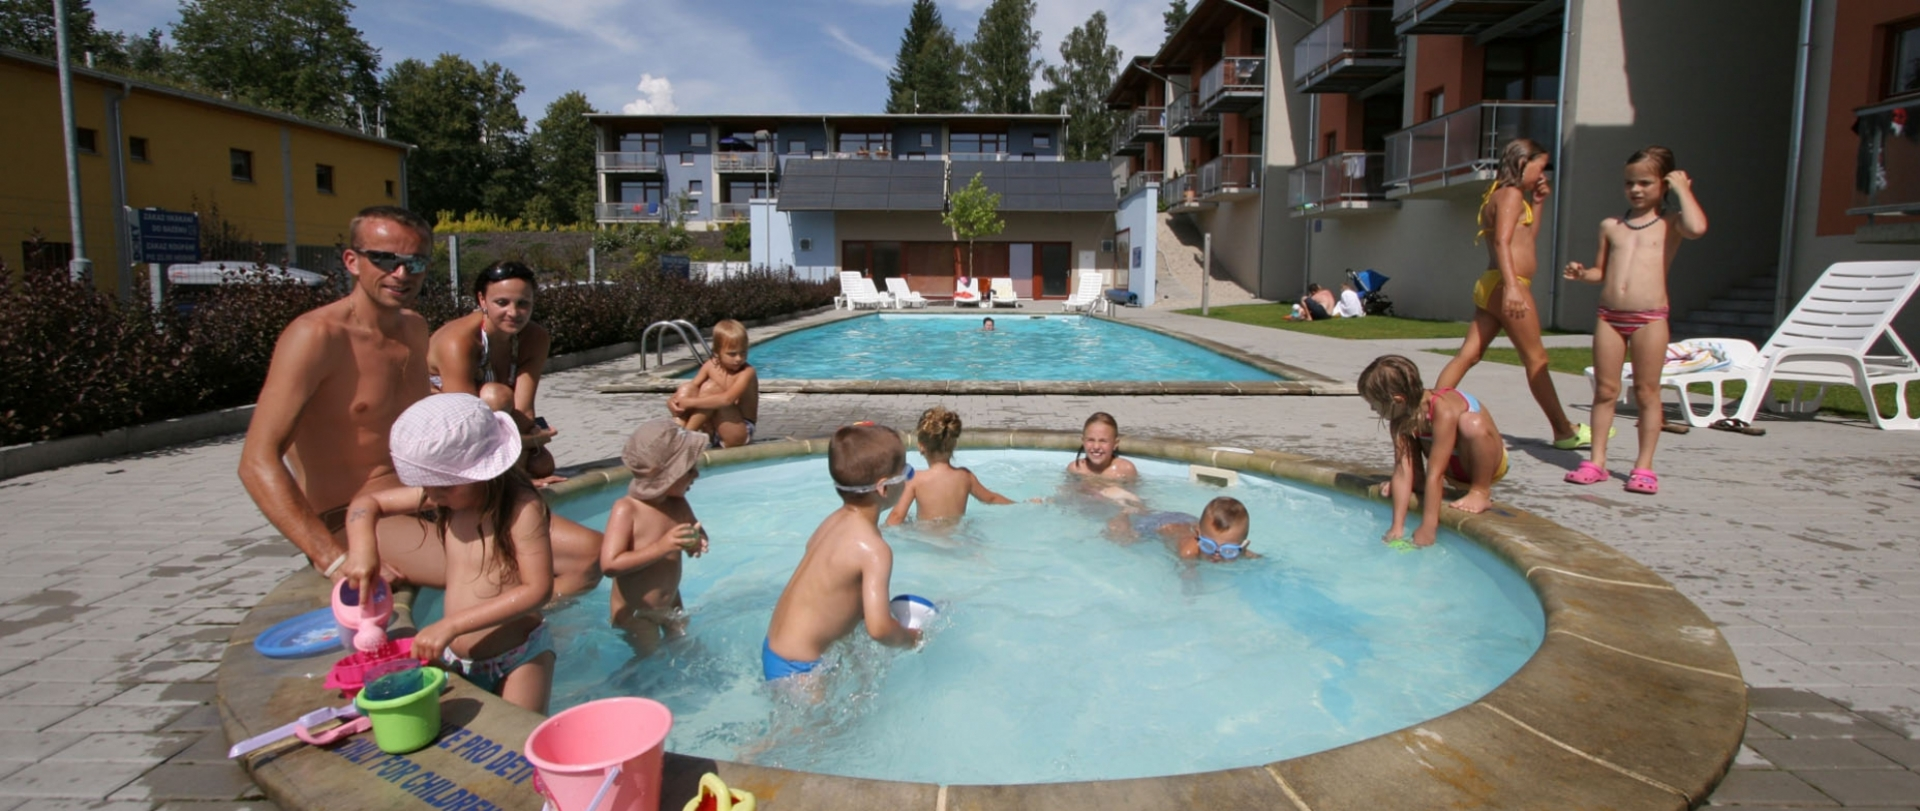 Ubytování Lipno, apartmány Lipno - DOKY Holiday